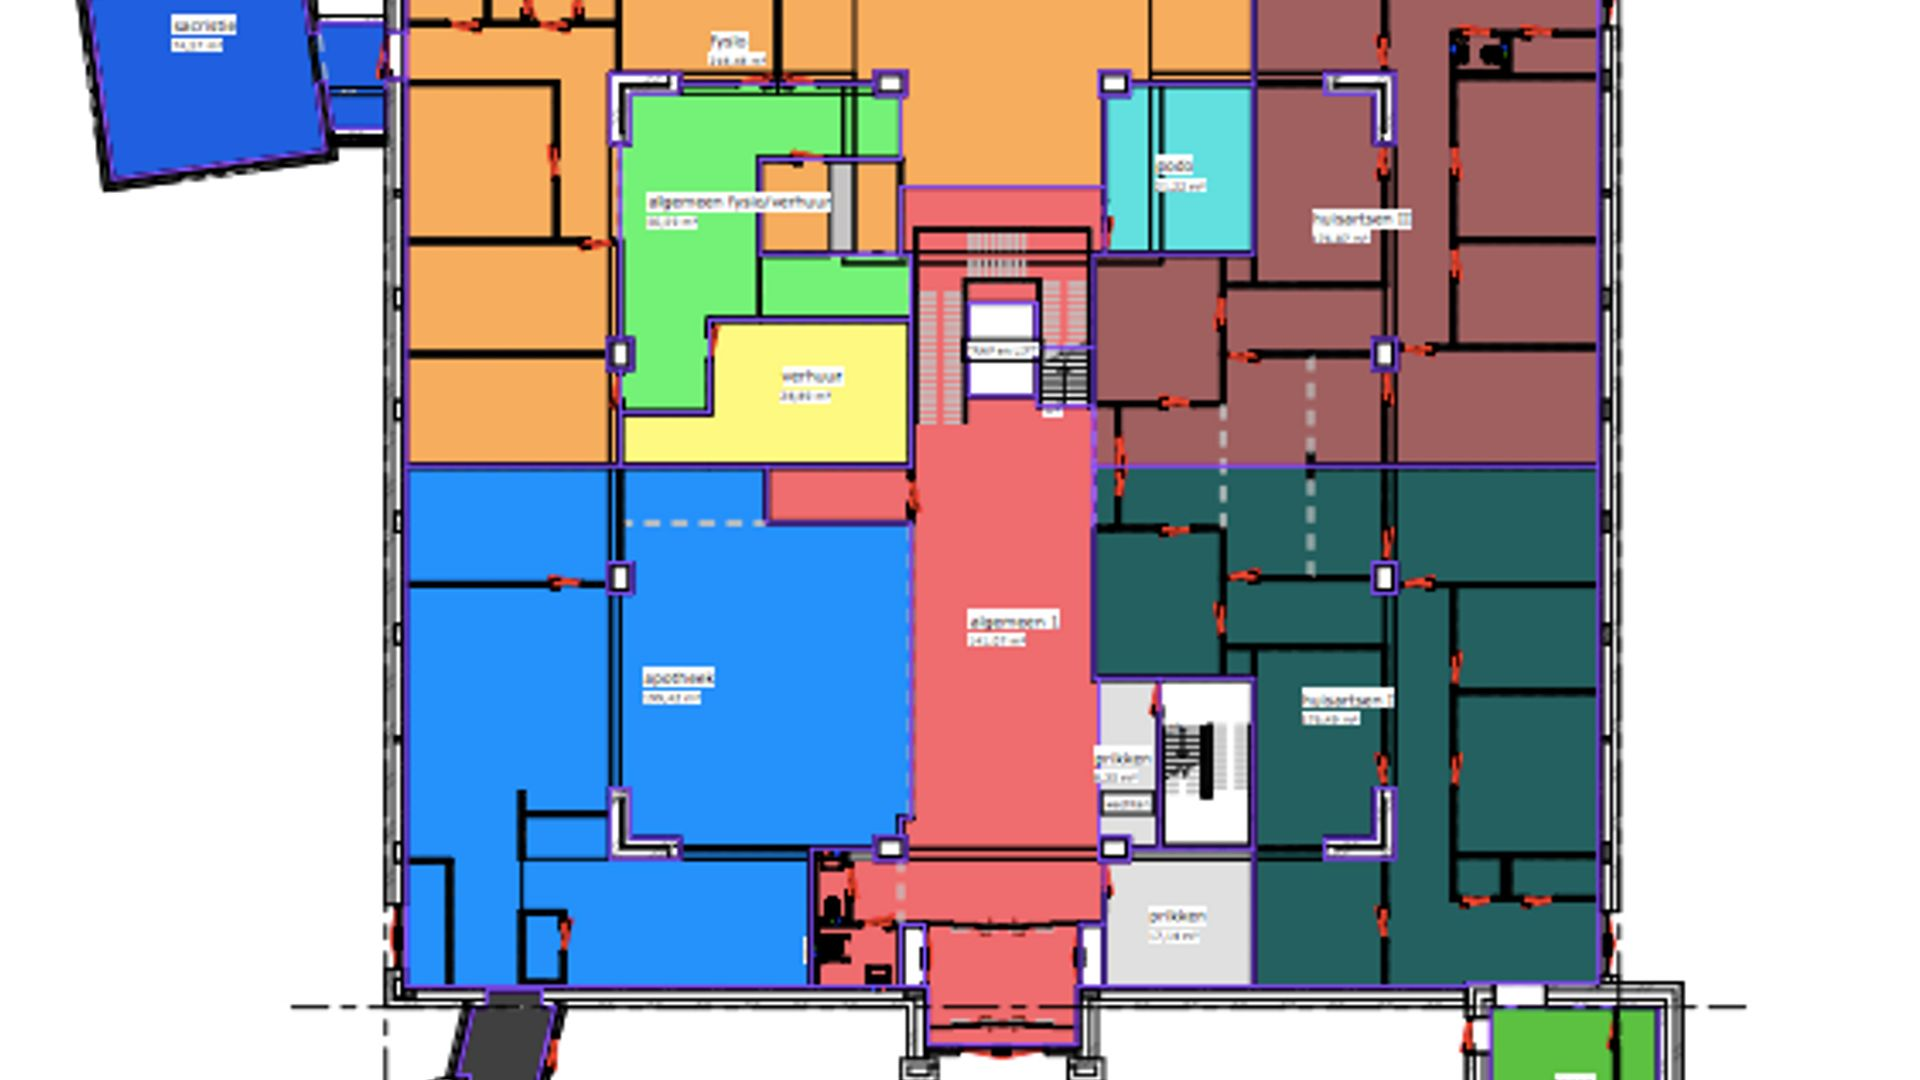 schermafbeelding 2020-01-23 om 19.36.53.png